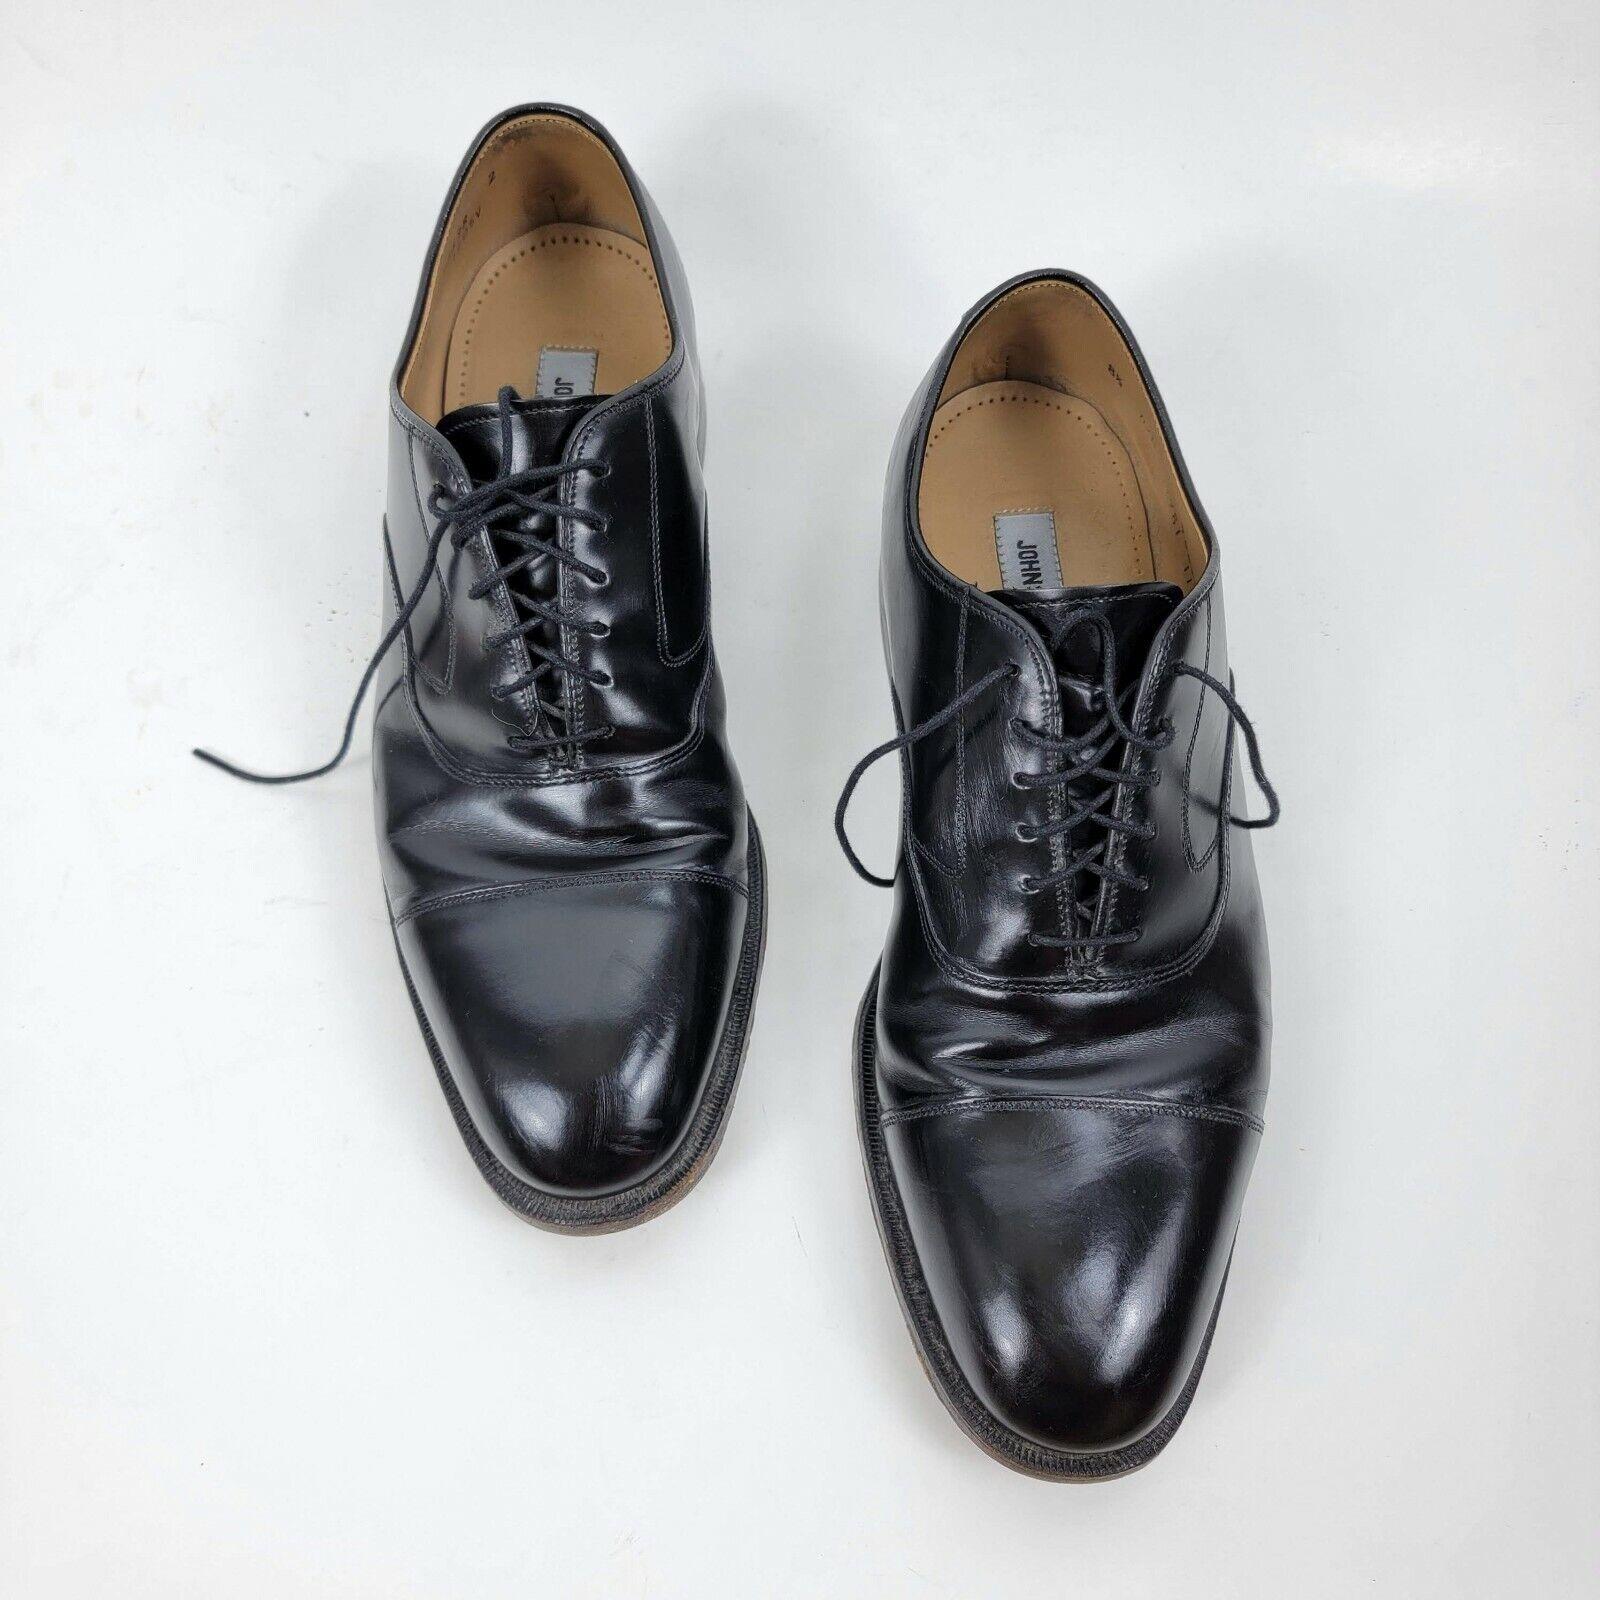 Johnston & Murphy mens melon cap toe oxford shoes lace up leather black sz 8.5 D